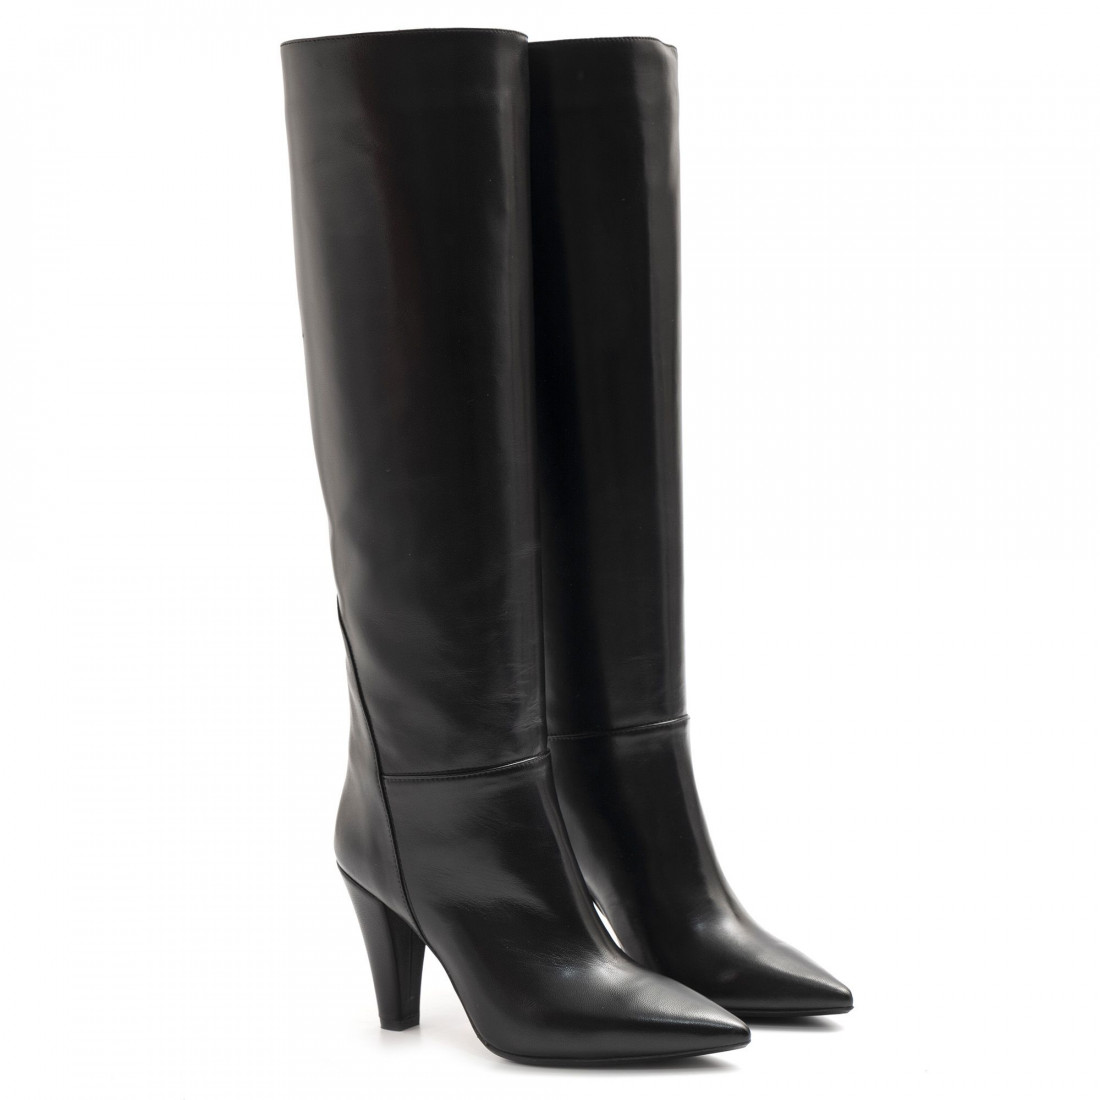 boots woman anna f 9821nappa nero 7926